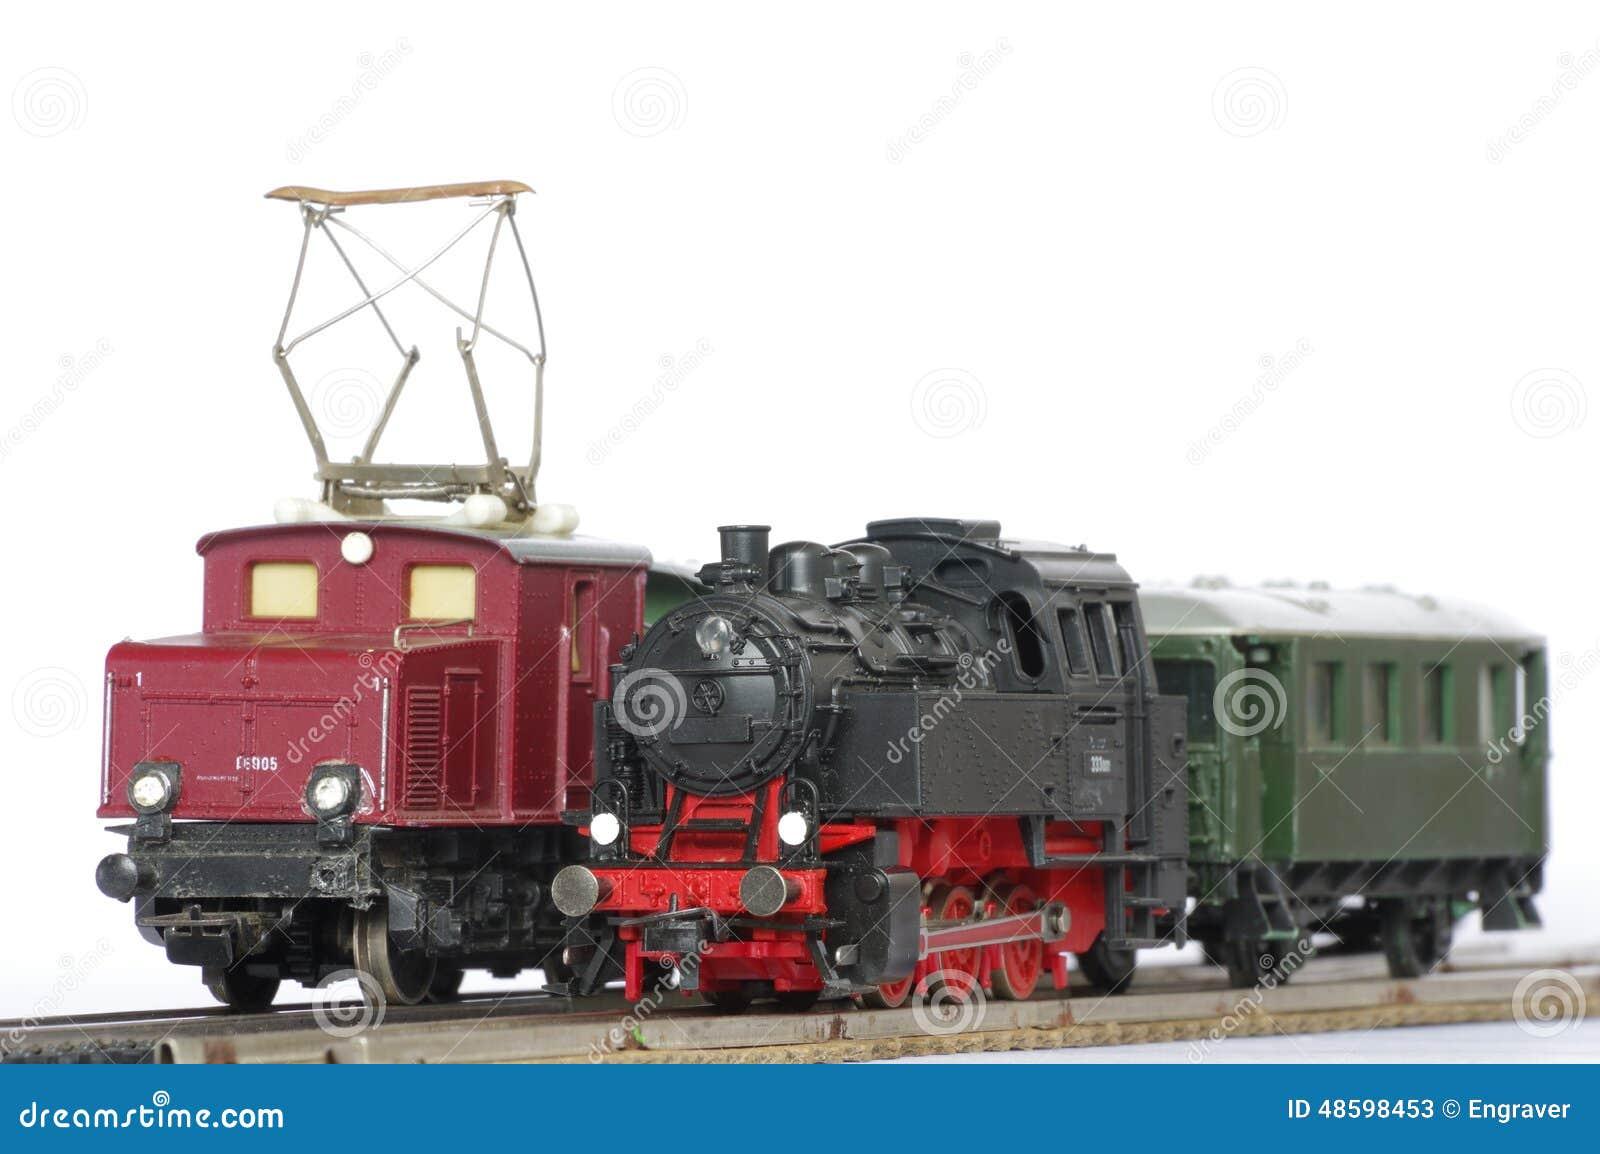 objets de jouet de train lectrique image stock image du petit historique 48598453. Black Bedroom Furniture Sets. Home Design Ideas